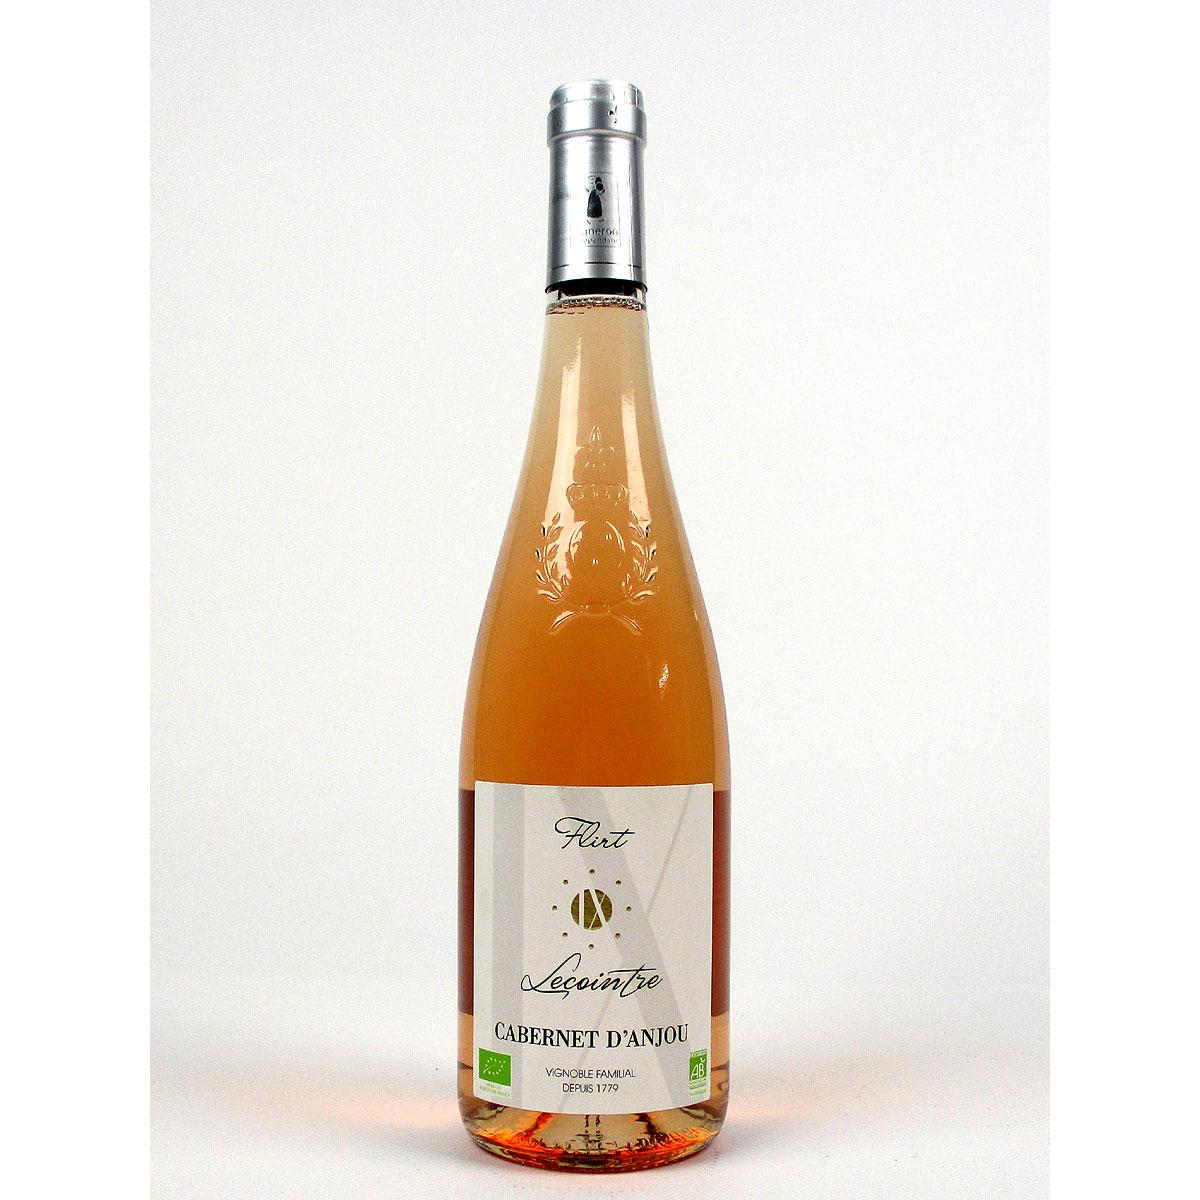 Cabernet d'Anjou: Château La Tomaze Rosé 2020 - Bottle